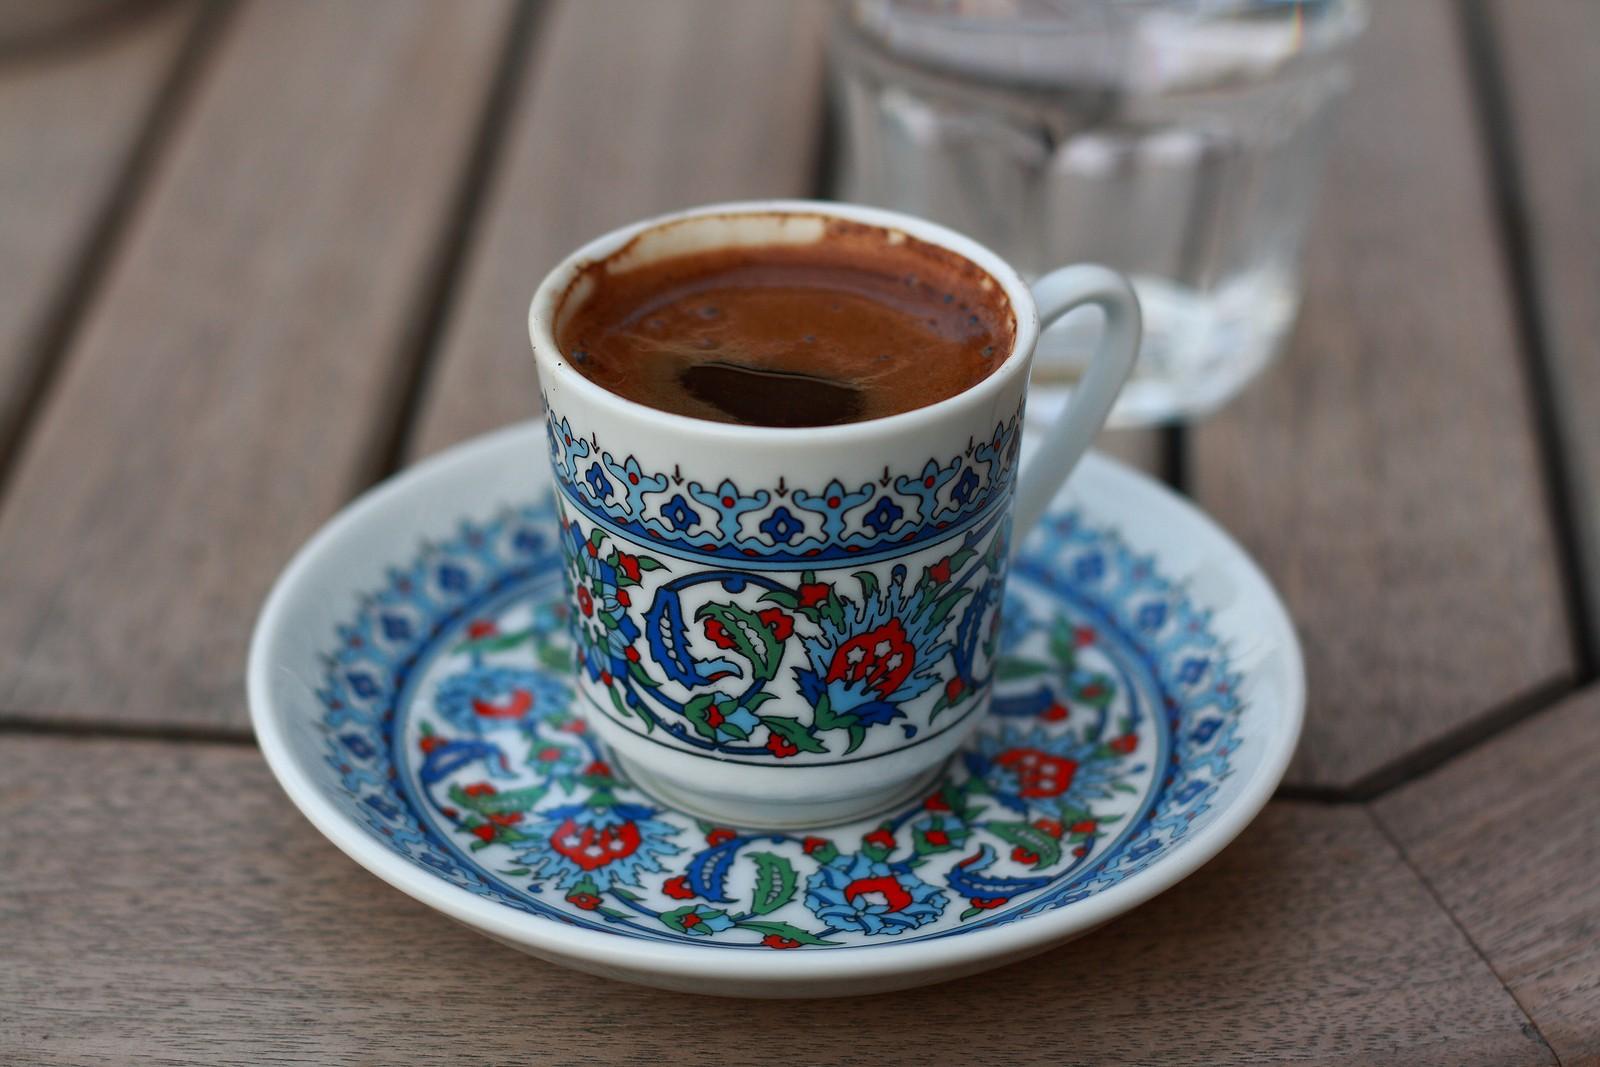 Hintergrundbilder : digitale Kunst, Getränk, Truthahn, Türkisch ...